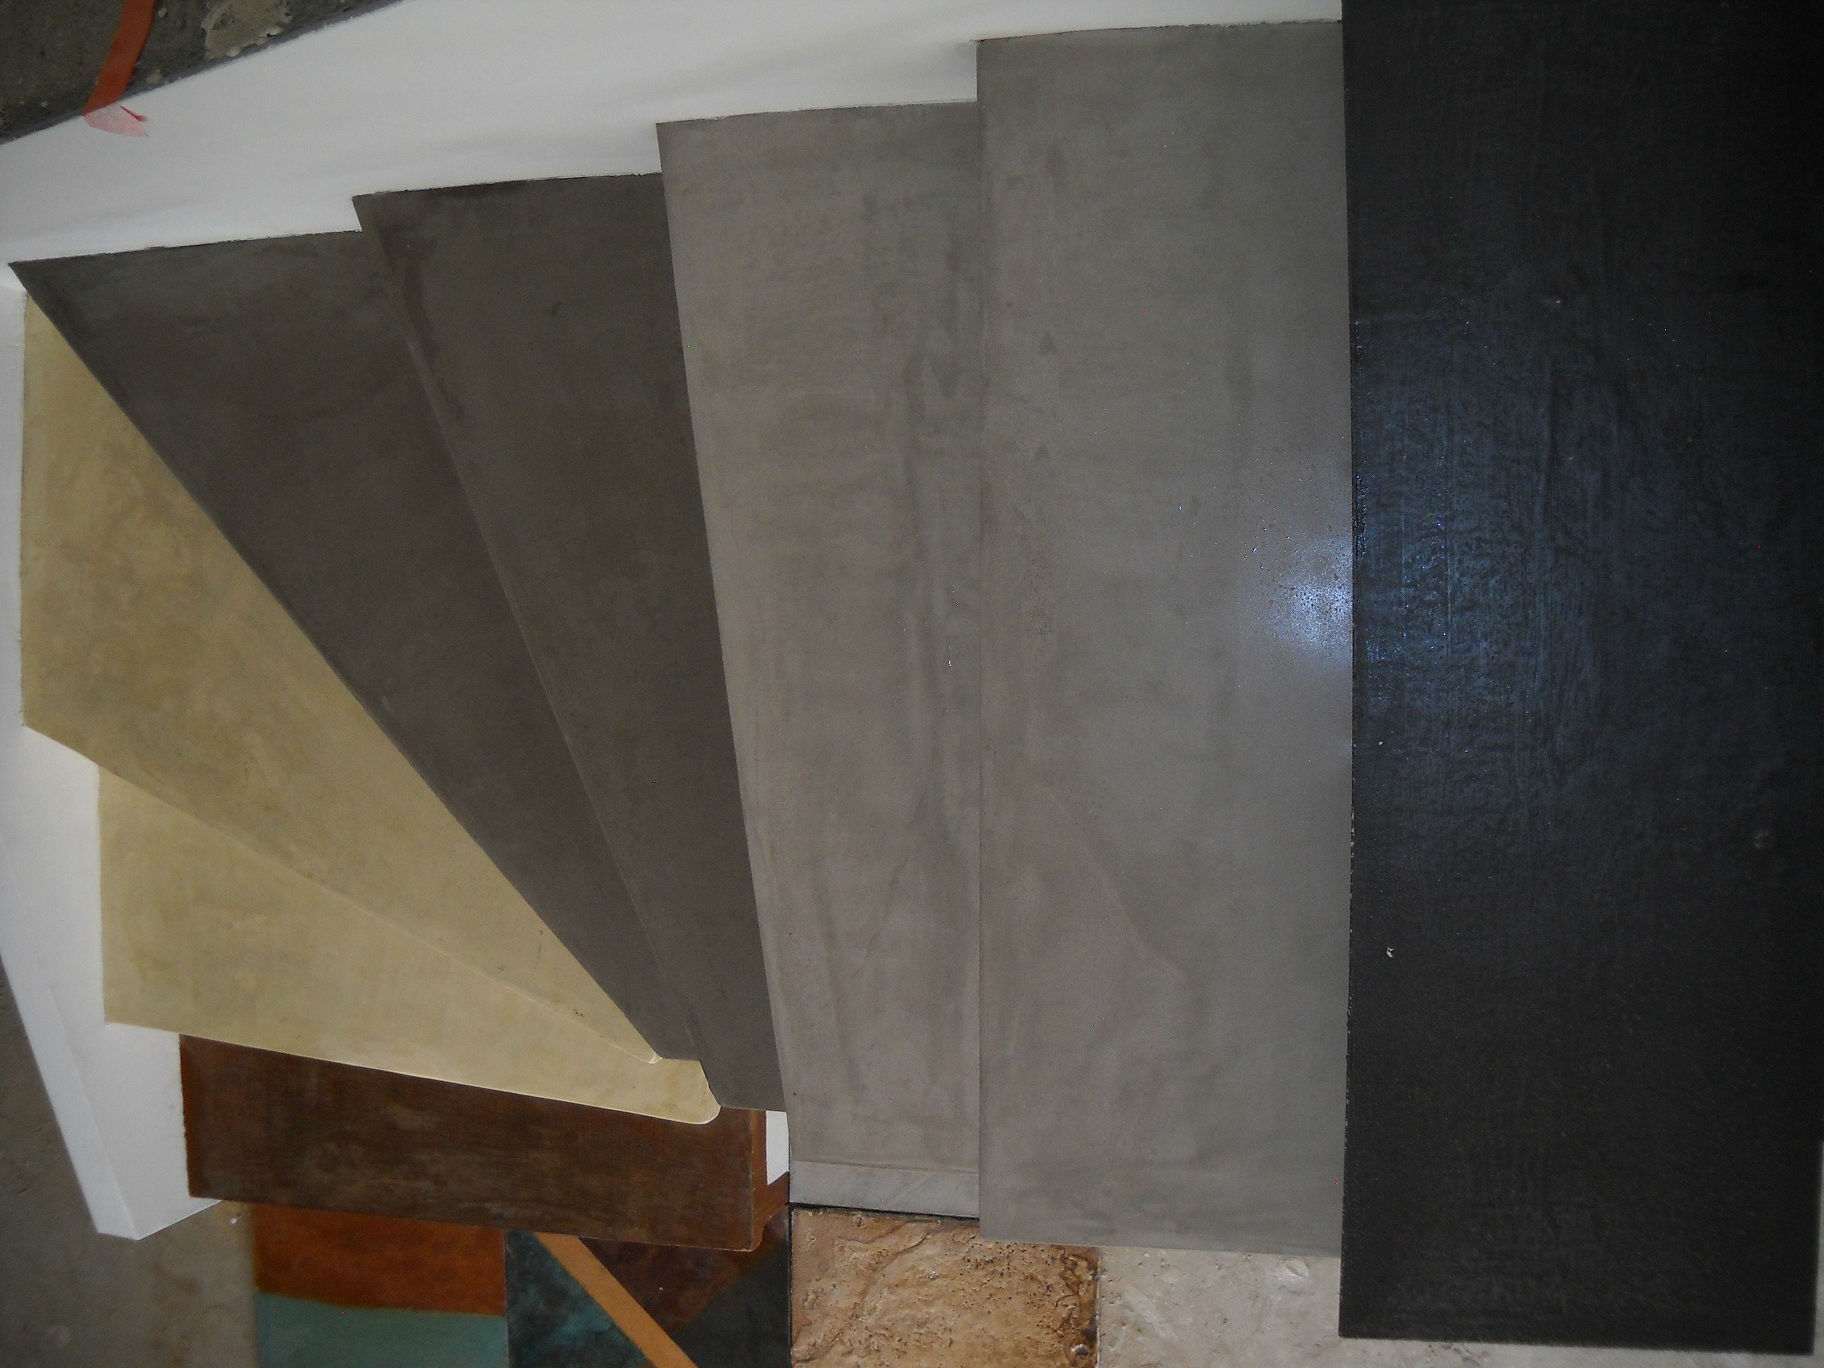 Bton cir escalier fabulous escalier en bton cir with bton for Mettre du beton cire